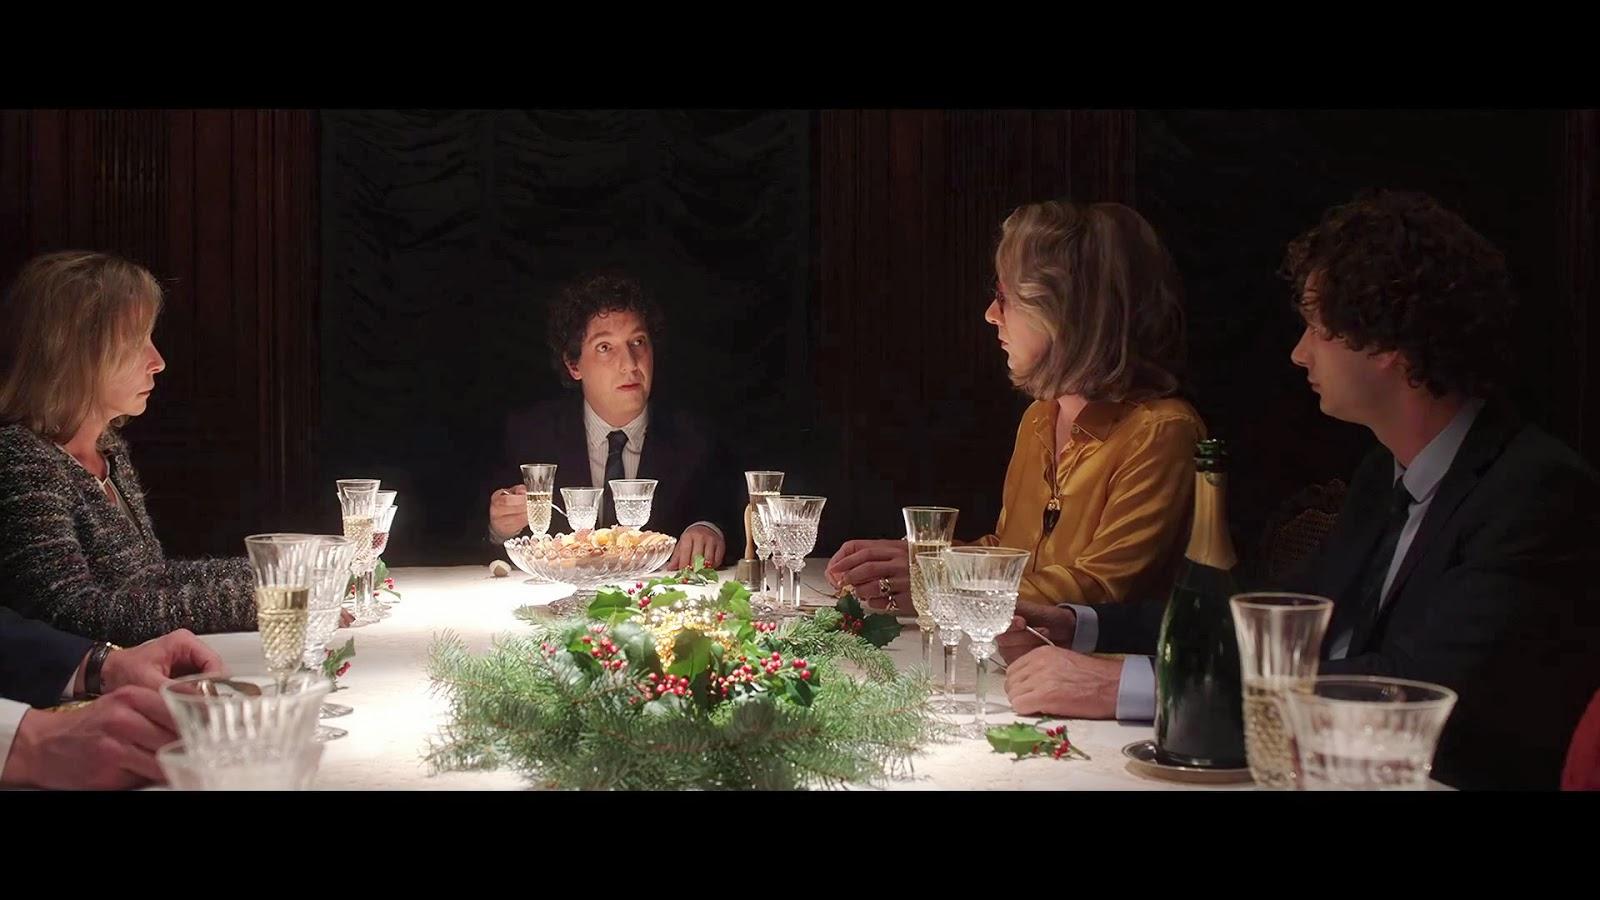 Un salt al cinema guillaume y los chicos a la mesa - Film guillaume et les garcons a table ...